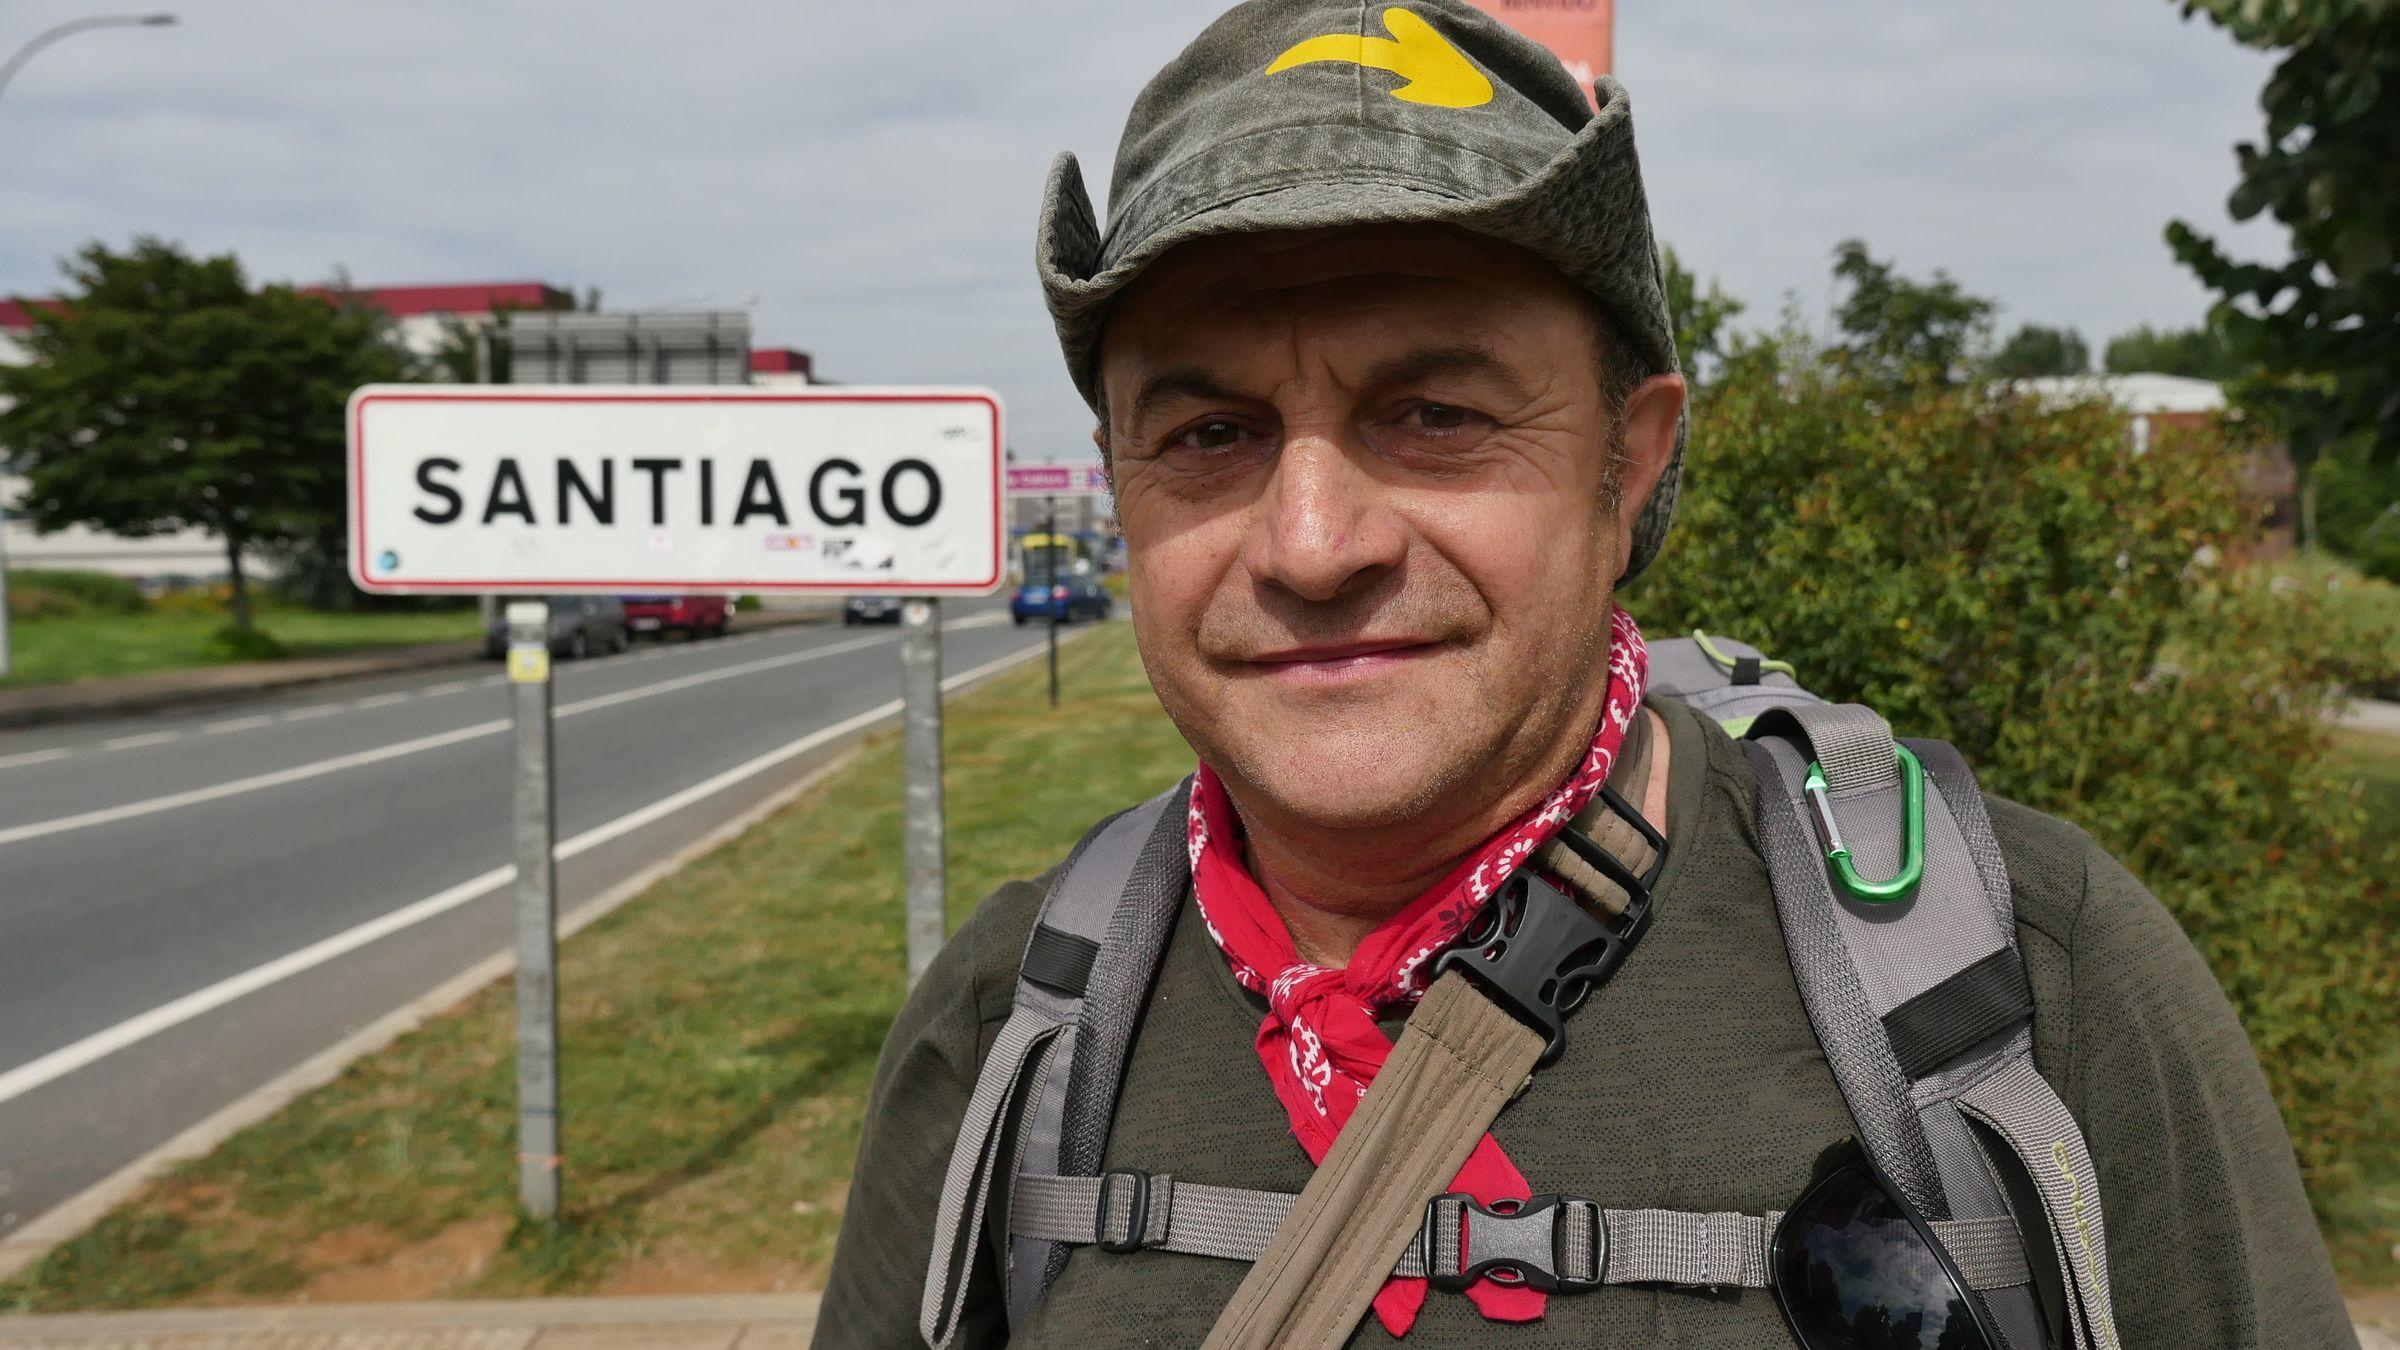 El cartel de Santiago recibe a los caminantes que ya saben que están a punto de completar su recorrido